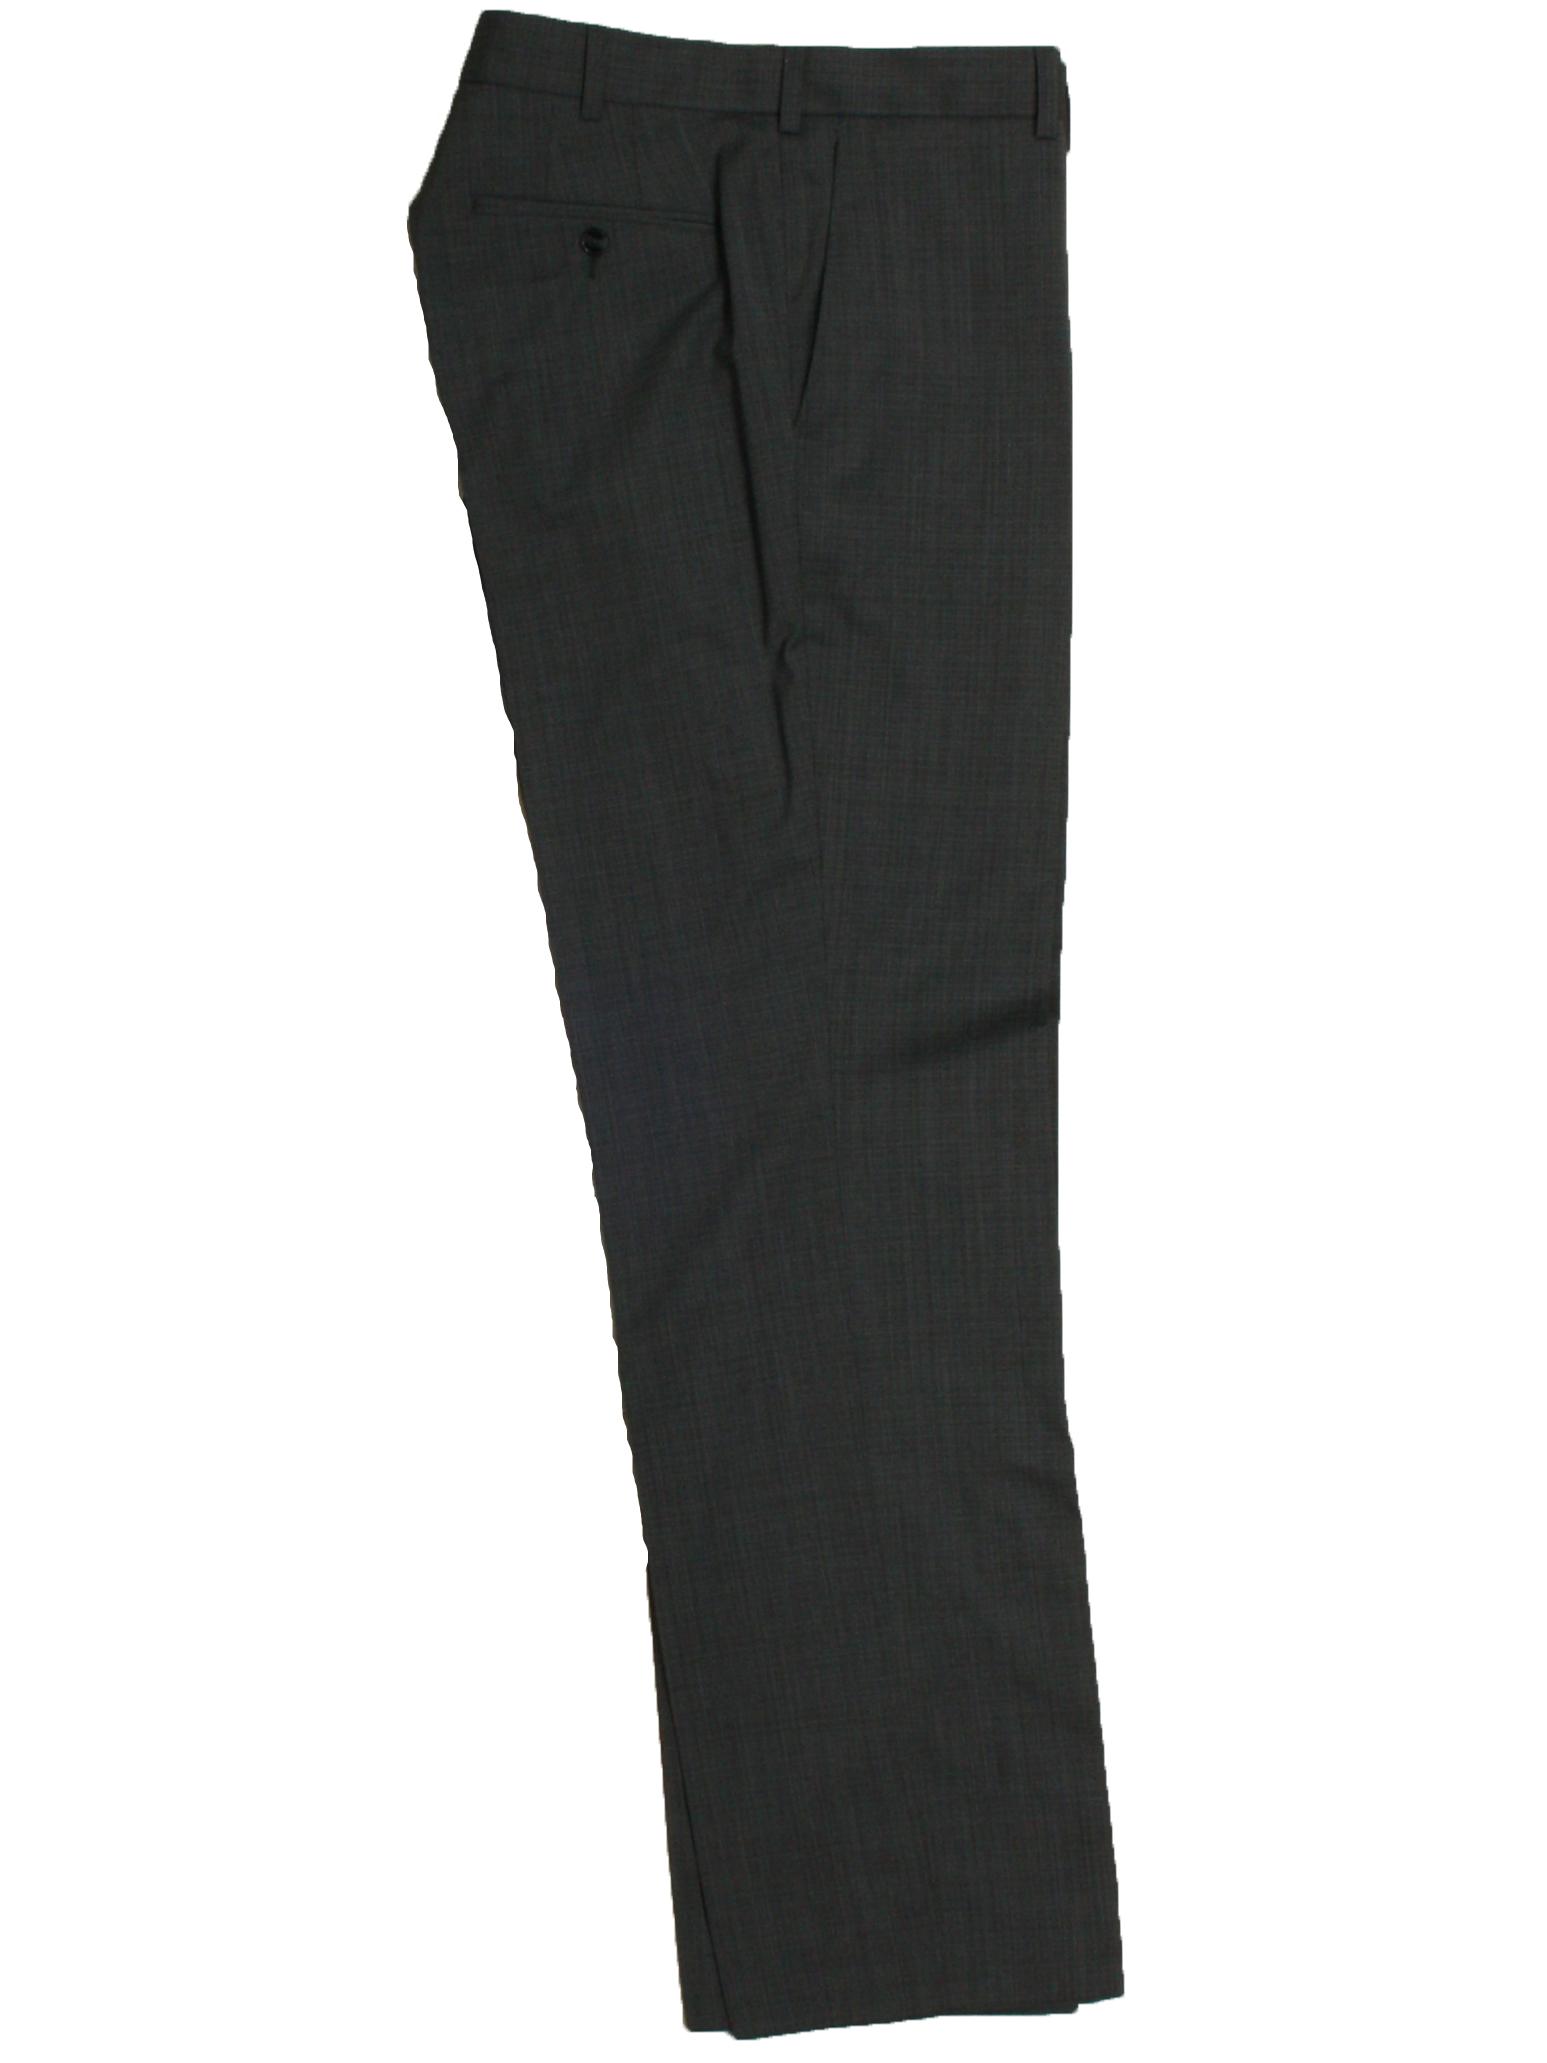 Nordal Combi Habit Bukser (Gray)